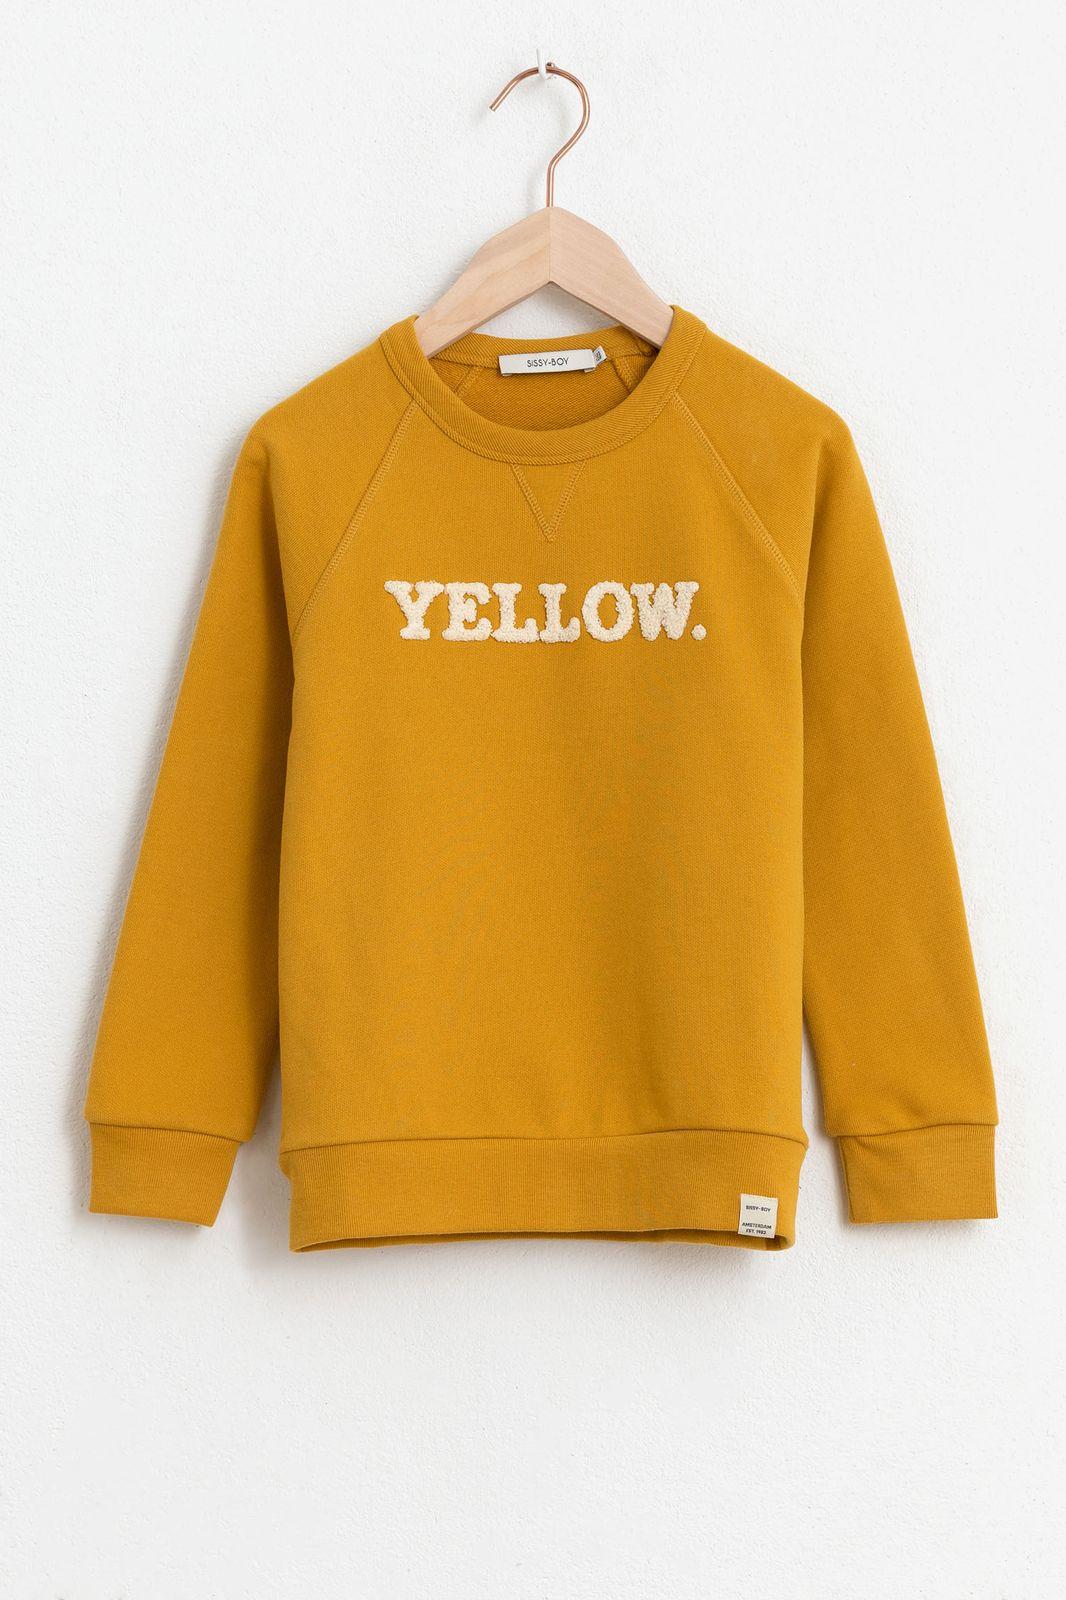 Gele sweater met tekst